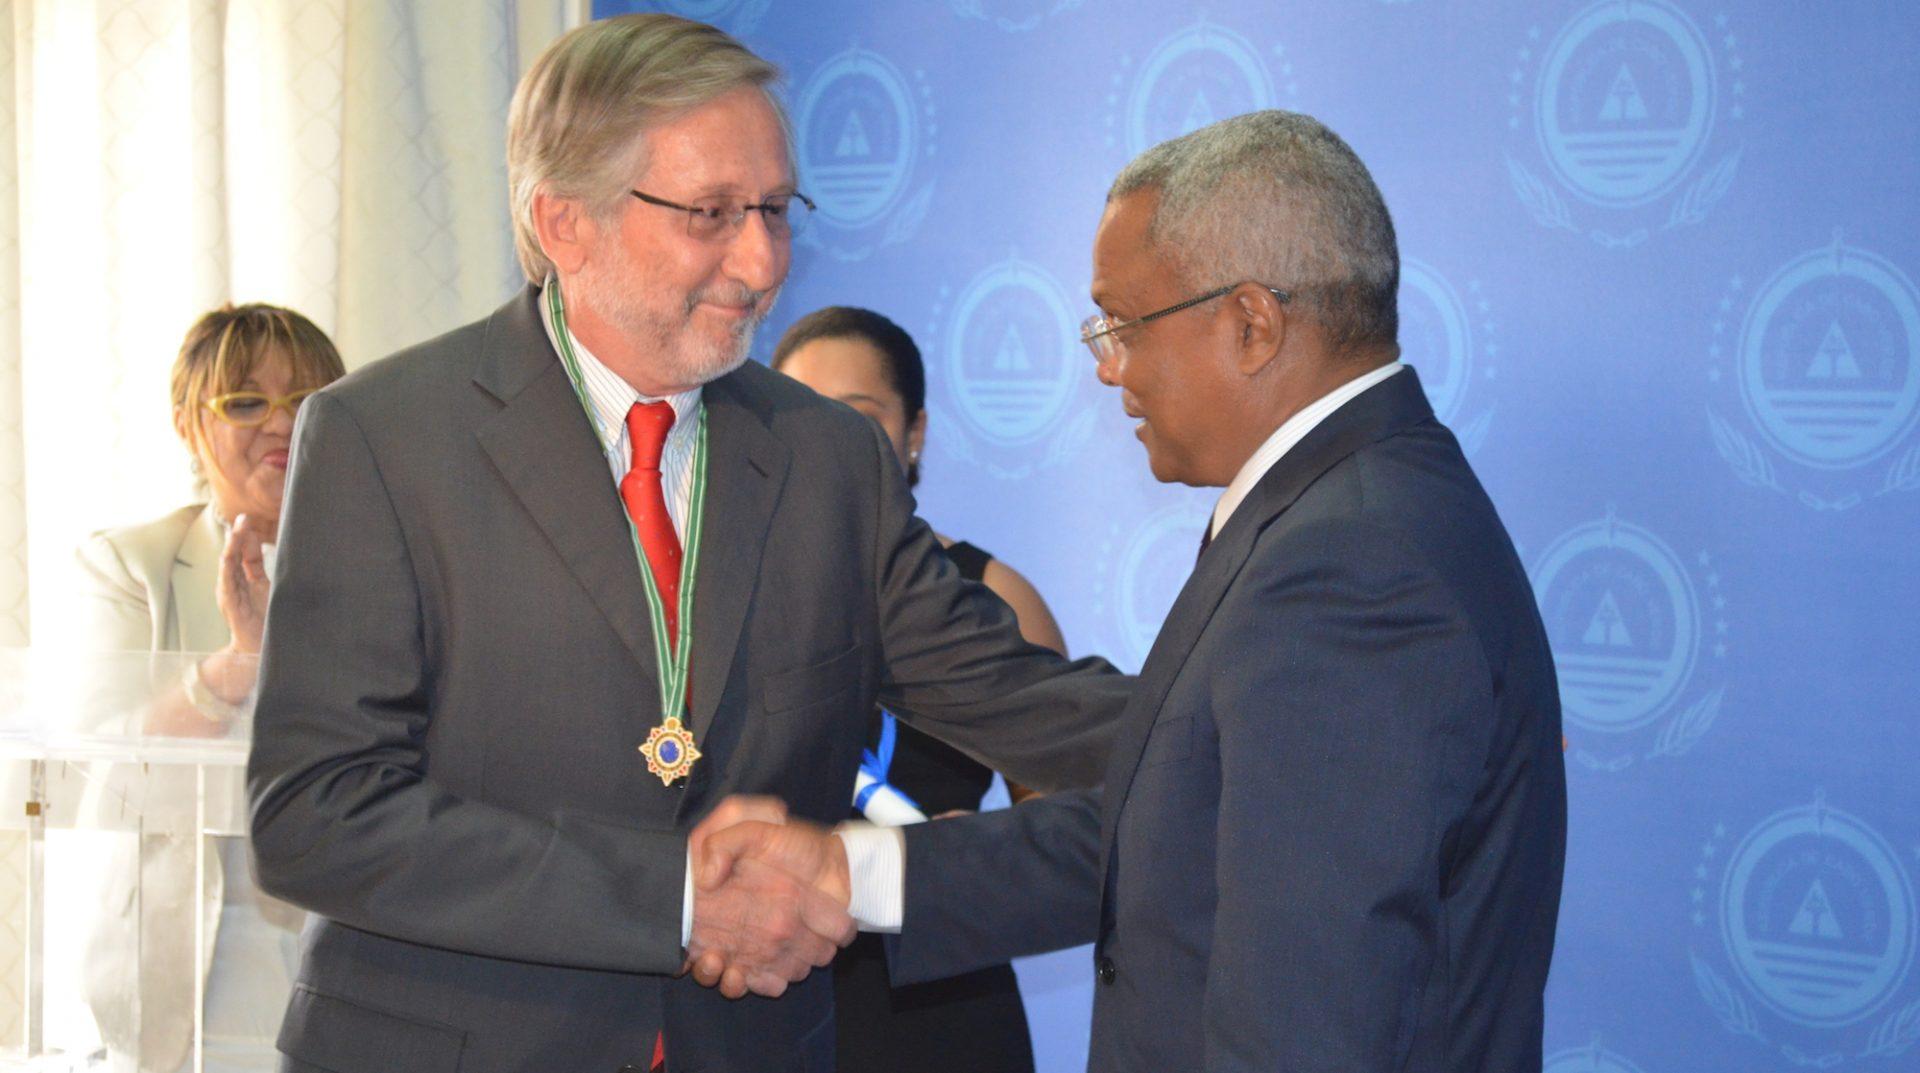 Pedro Lourtie recebe condecoração do governo de Cabo Verde